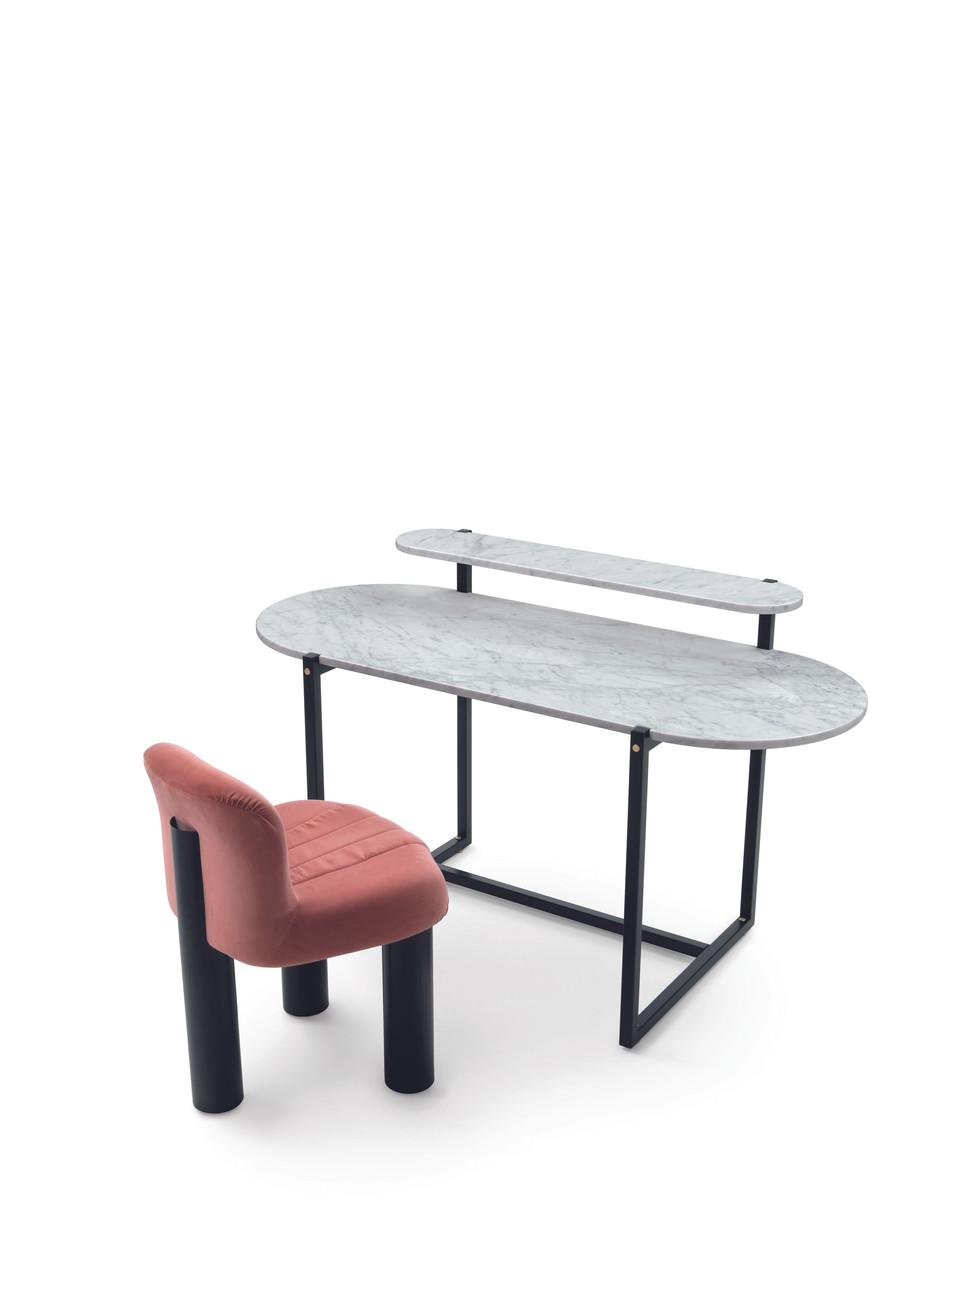 arflex-botolo-design-cini-boeri_2jpg